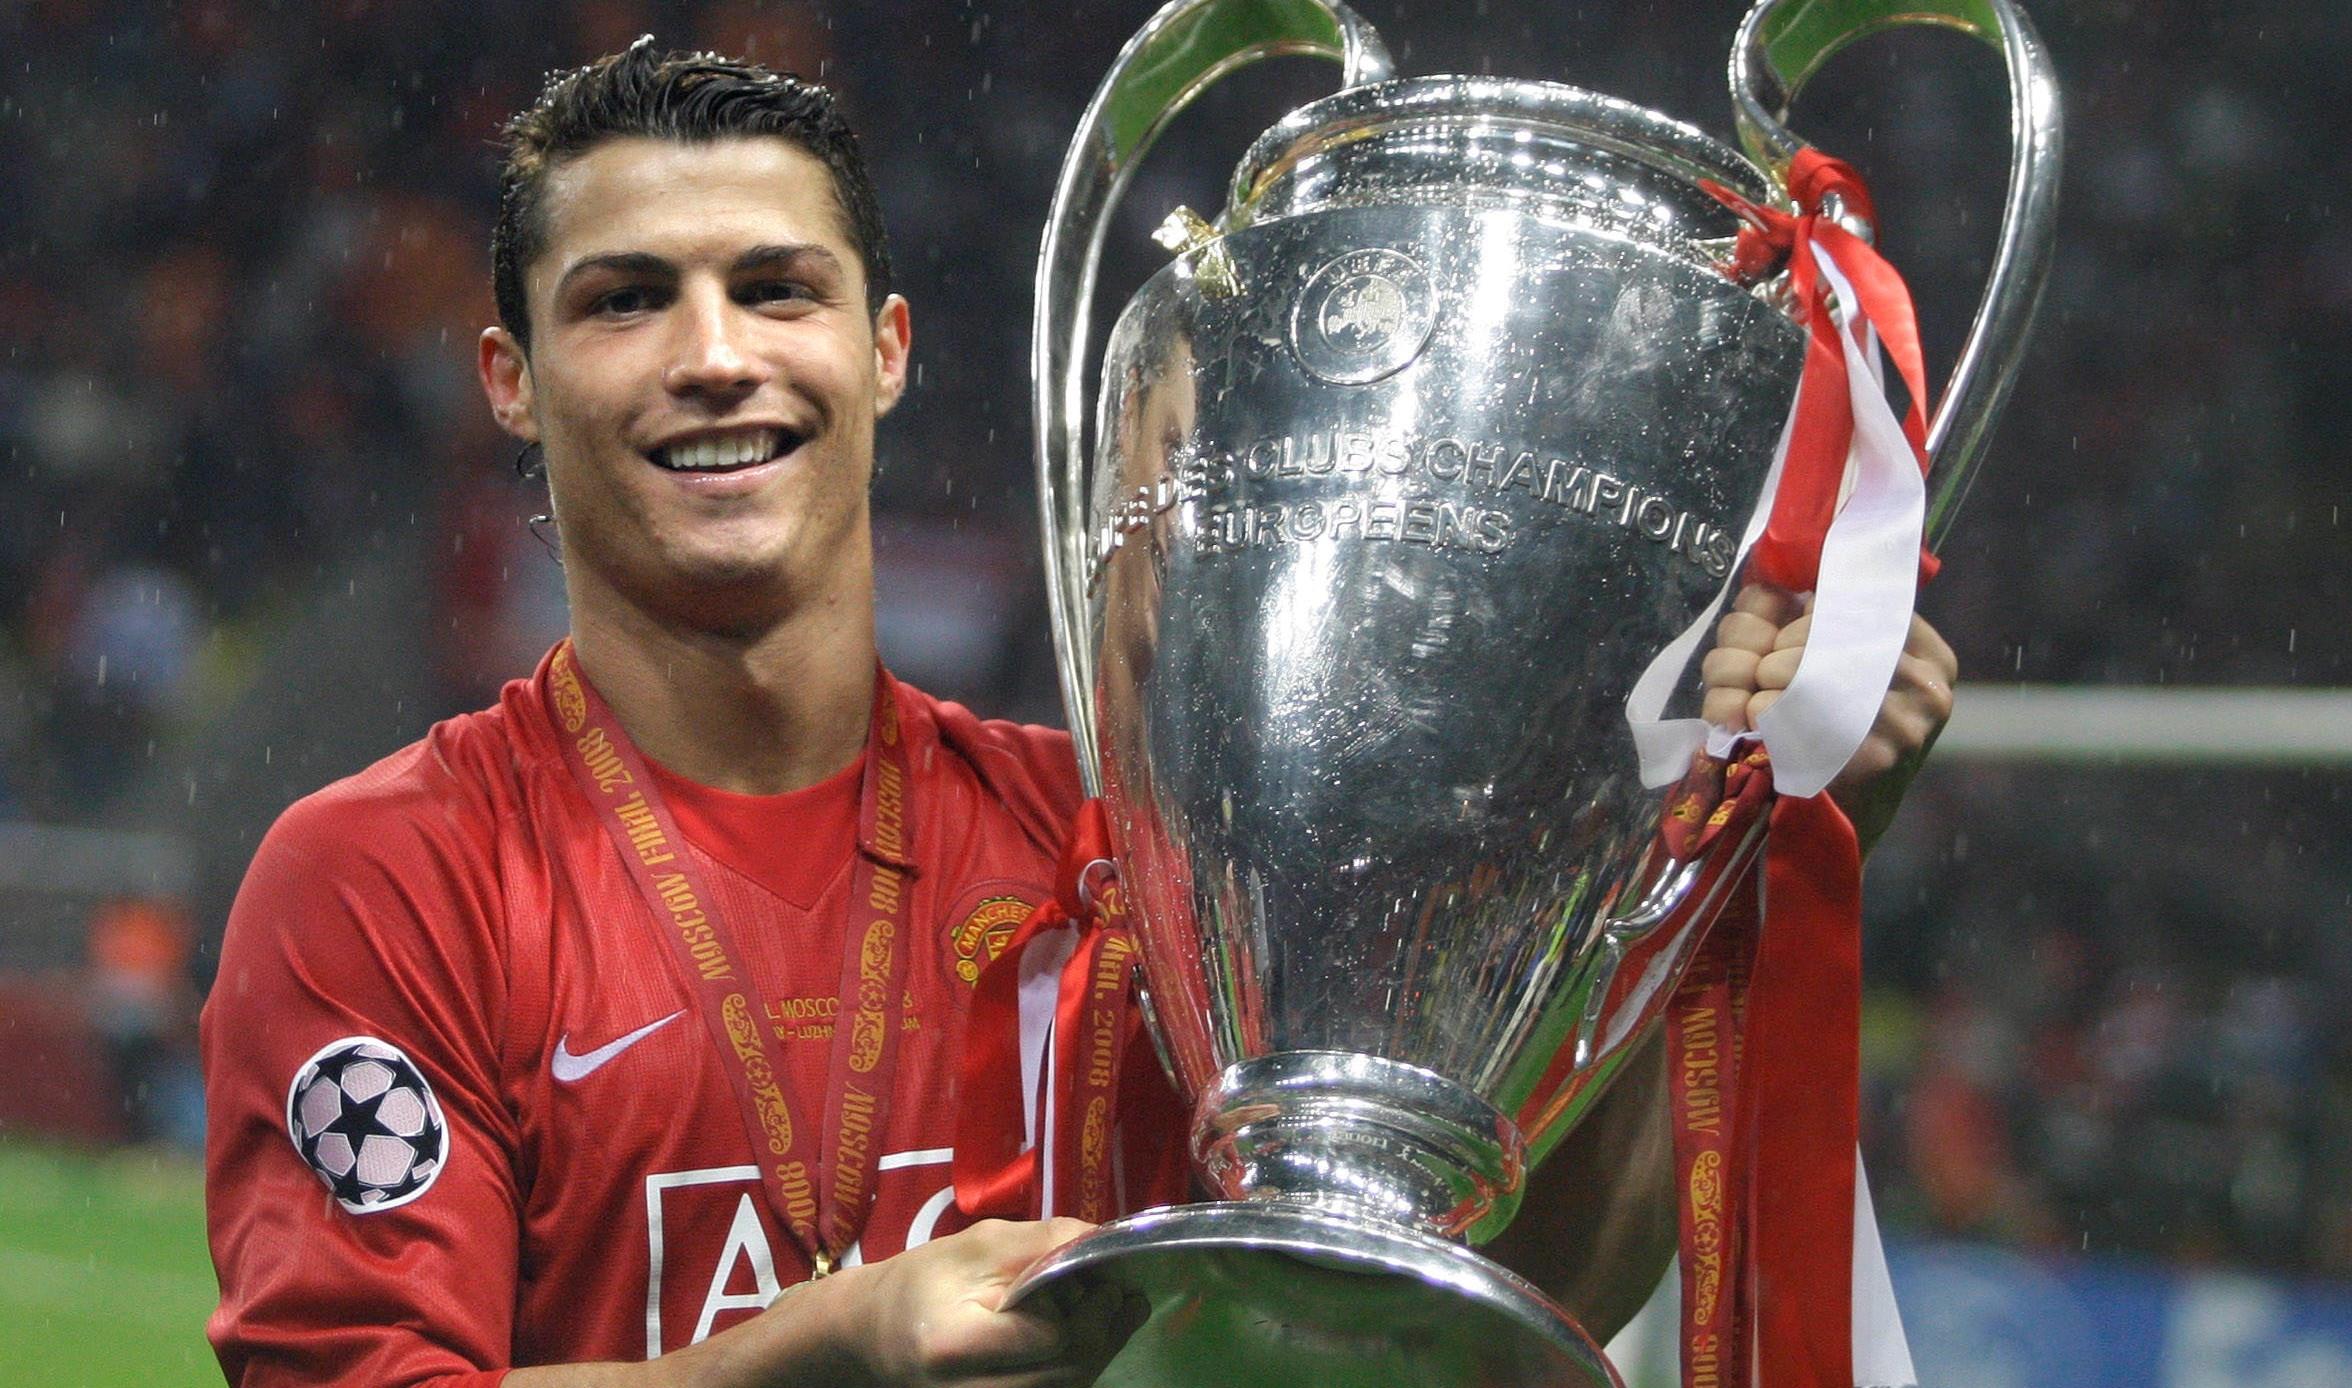 كريستيانو رونالدو بطلاً لدوري أبطال أوروبا مع مانشستر يونايتد